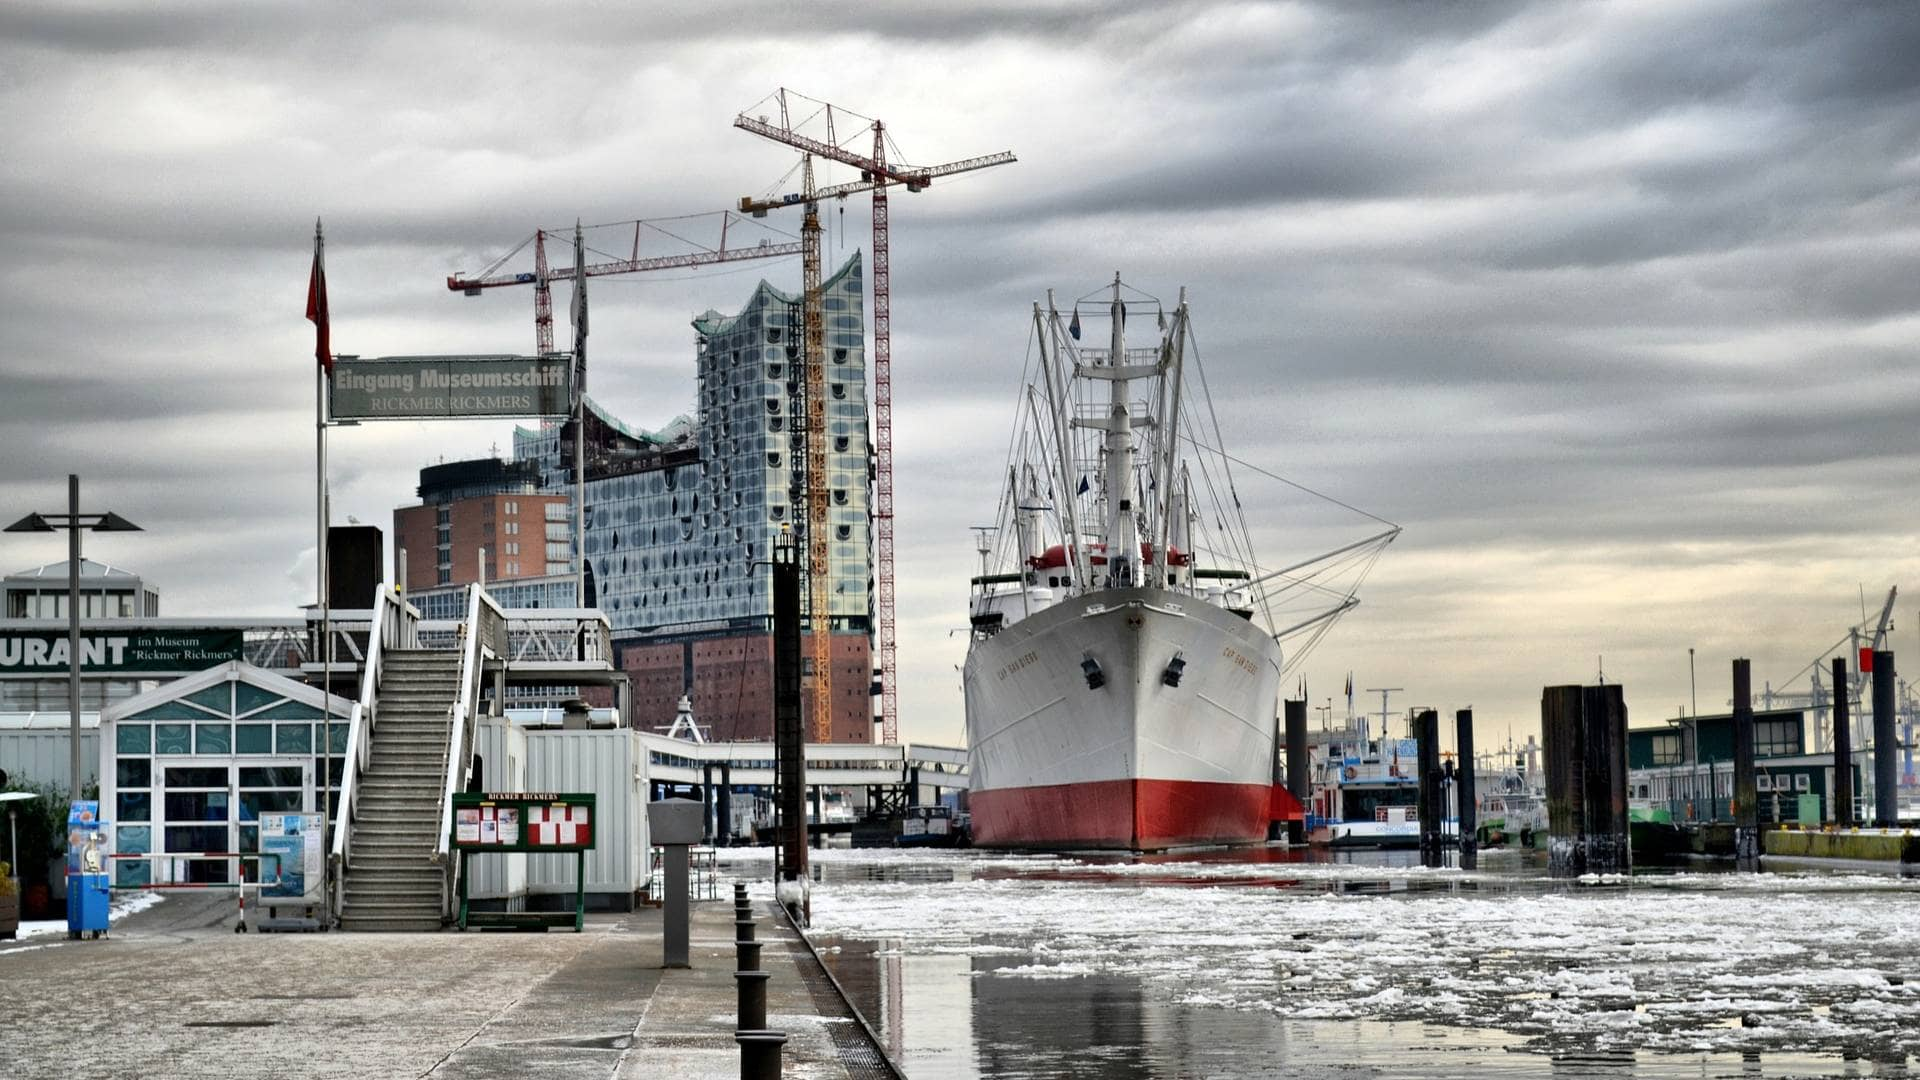 Ulsturk Liman Hizmetleri